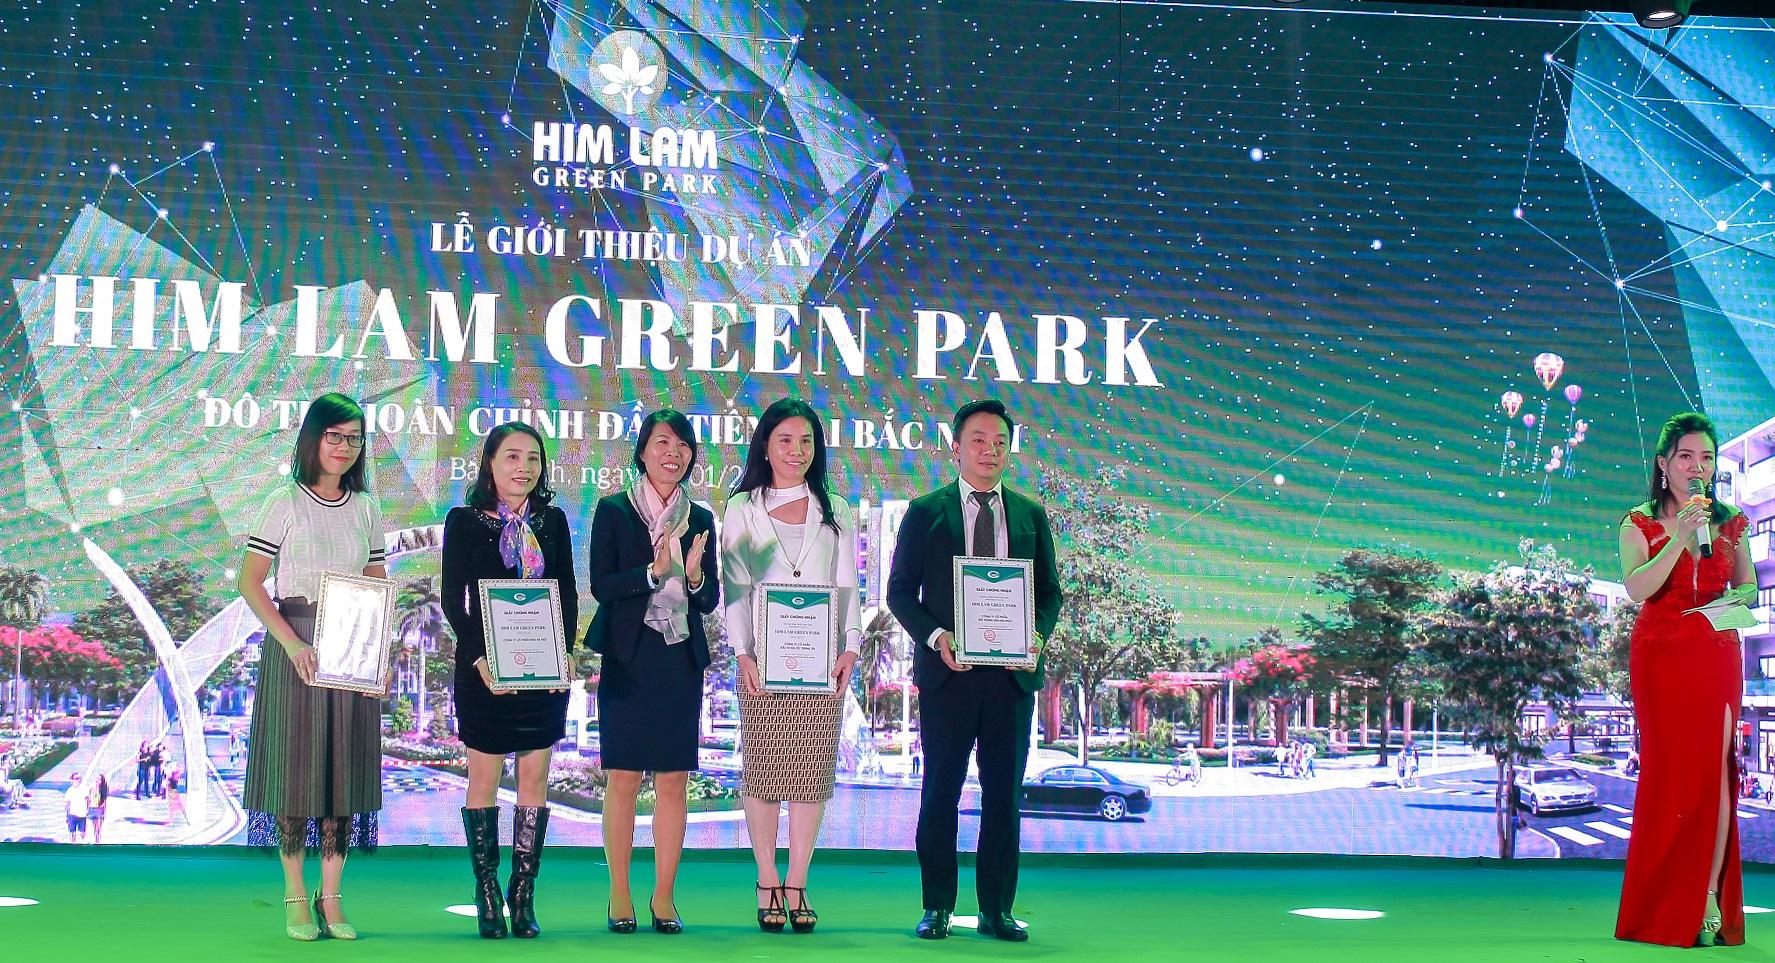 Sự Kiện Mở Bán Dự Án Him Lam Green Park Thành Công Ngoài Mong Đợi